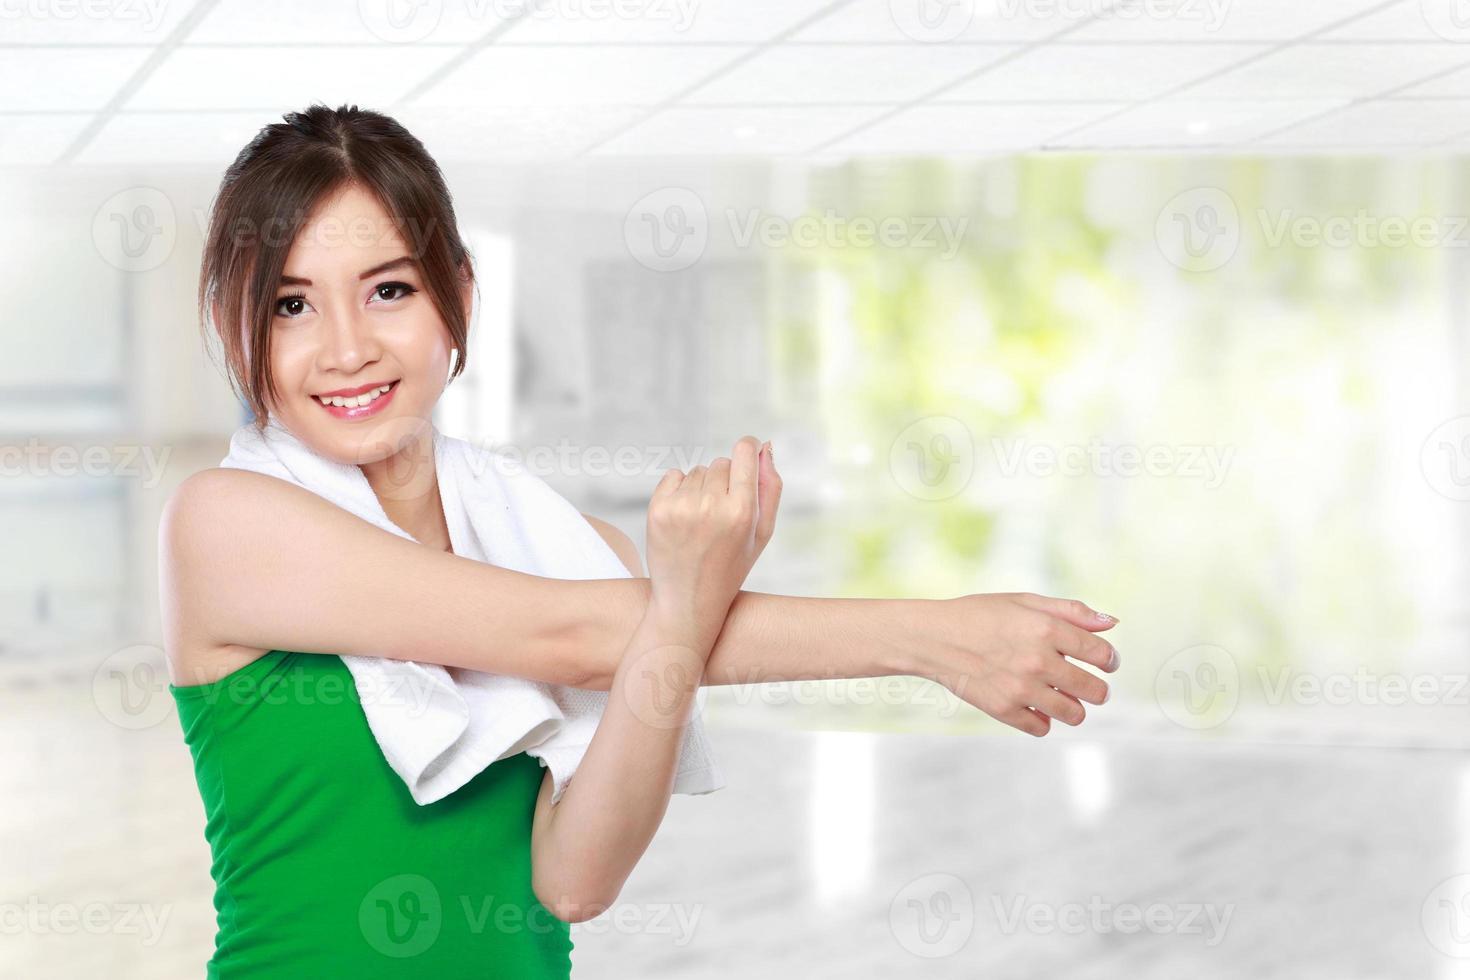 mujer haciendo estiramientos en el gimnasio foto